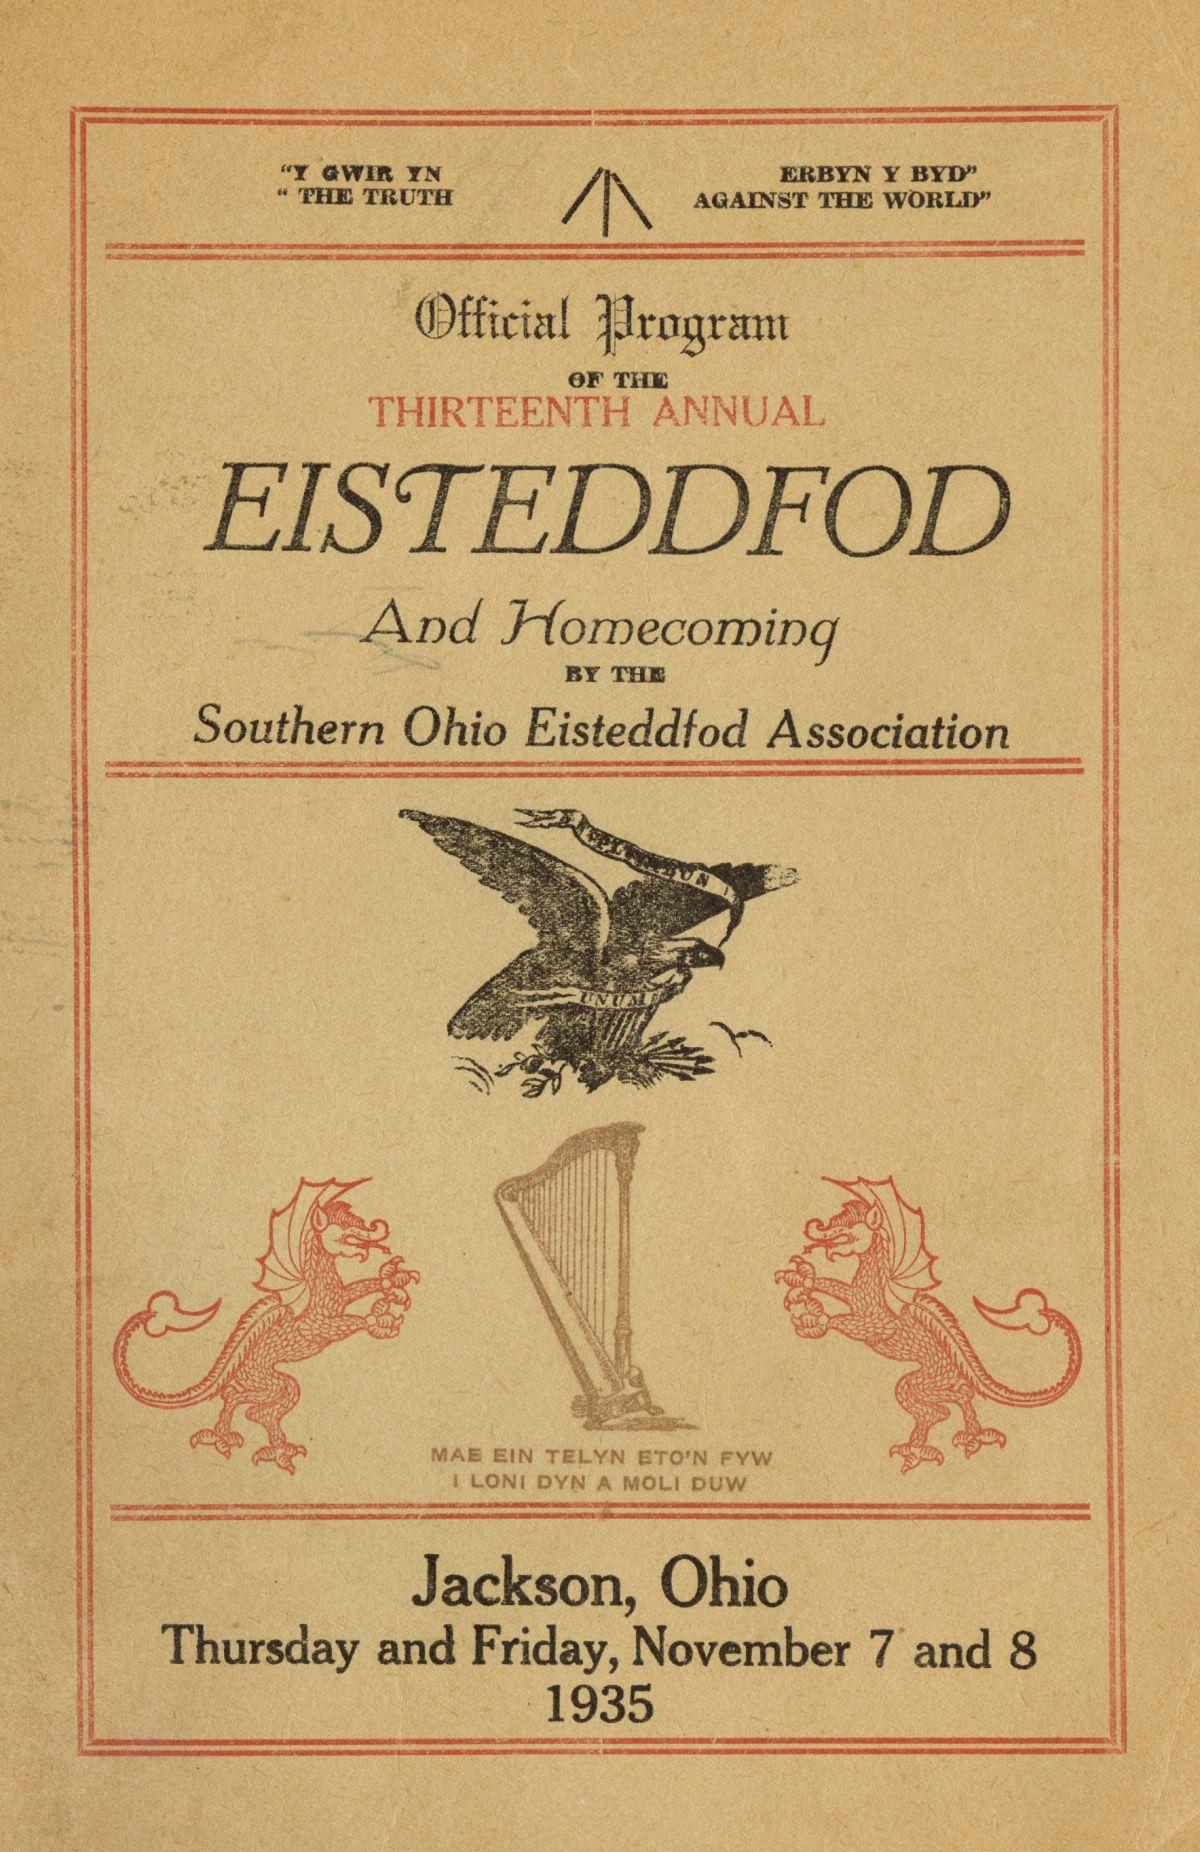 Rhaglen Eisteddfod (1935) / Eisteddfod Program (1935)